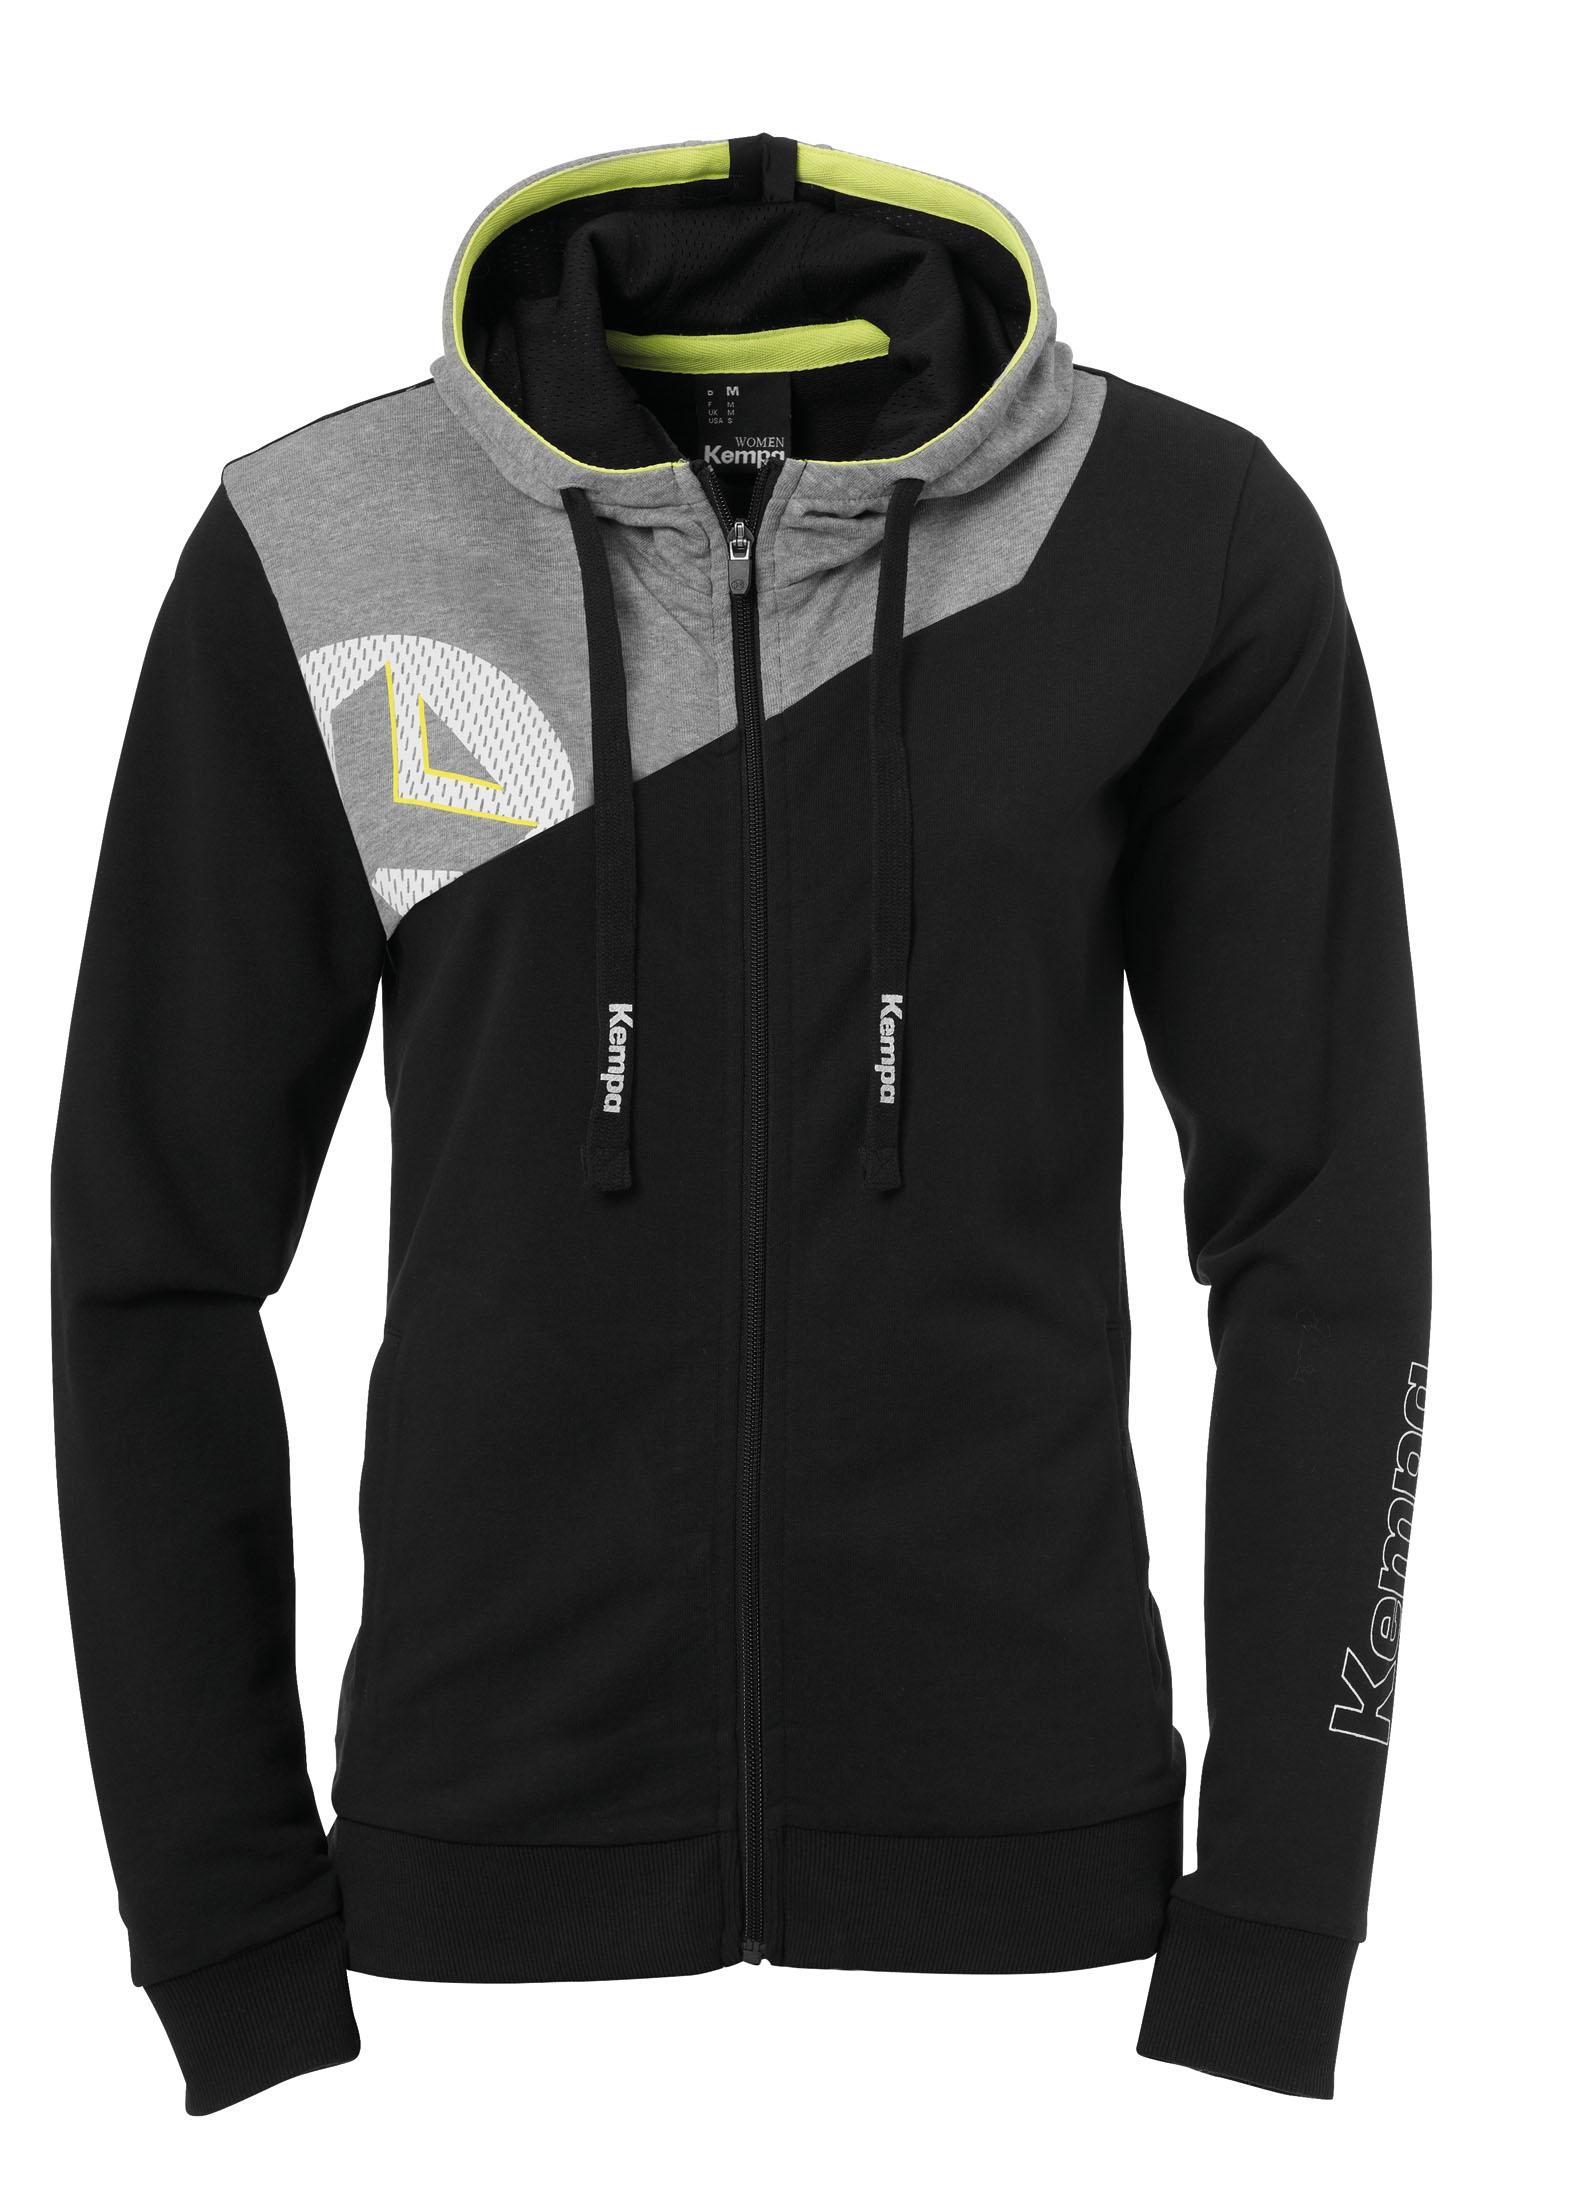 Adidas Fußball Core 18 Regenjacke Fußballjacke Herren schwarz